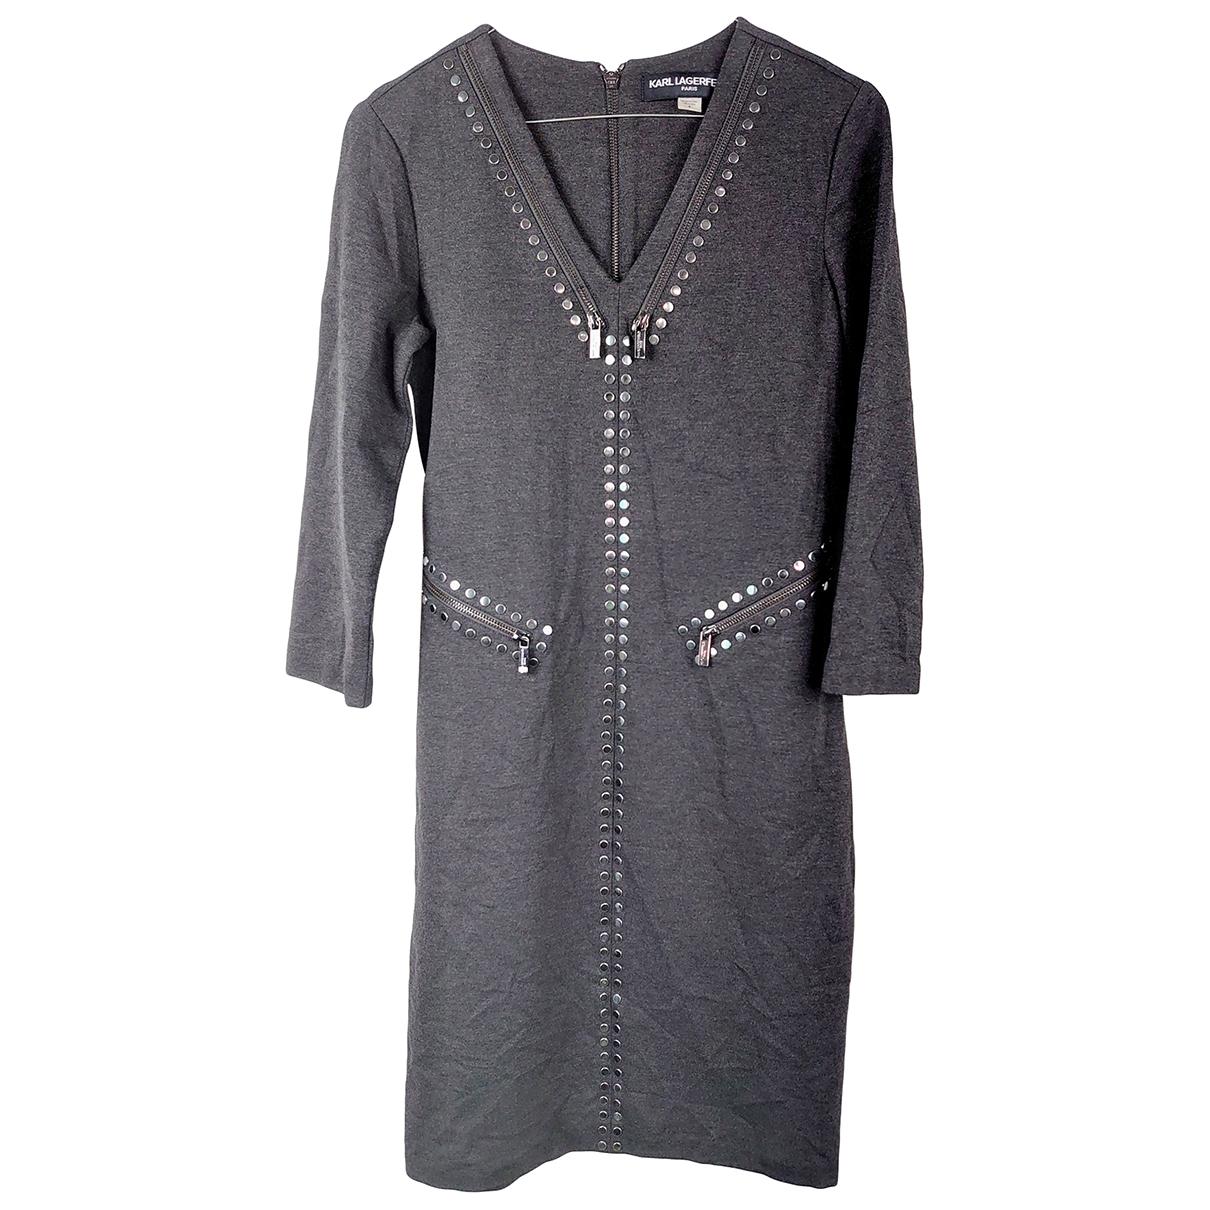 Karl Lagerfeld \N Kleid in  Grau Synthetik